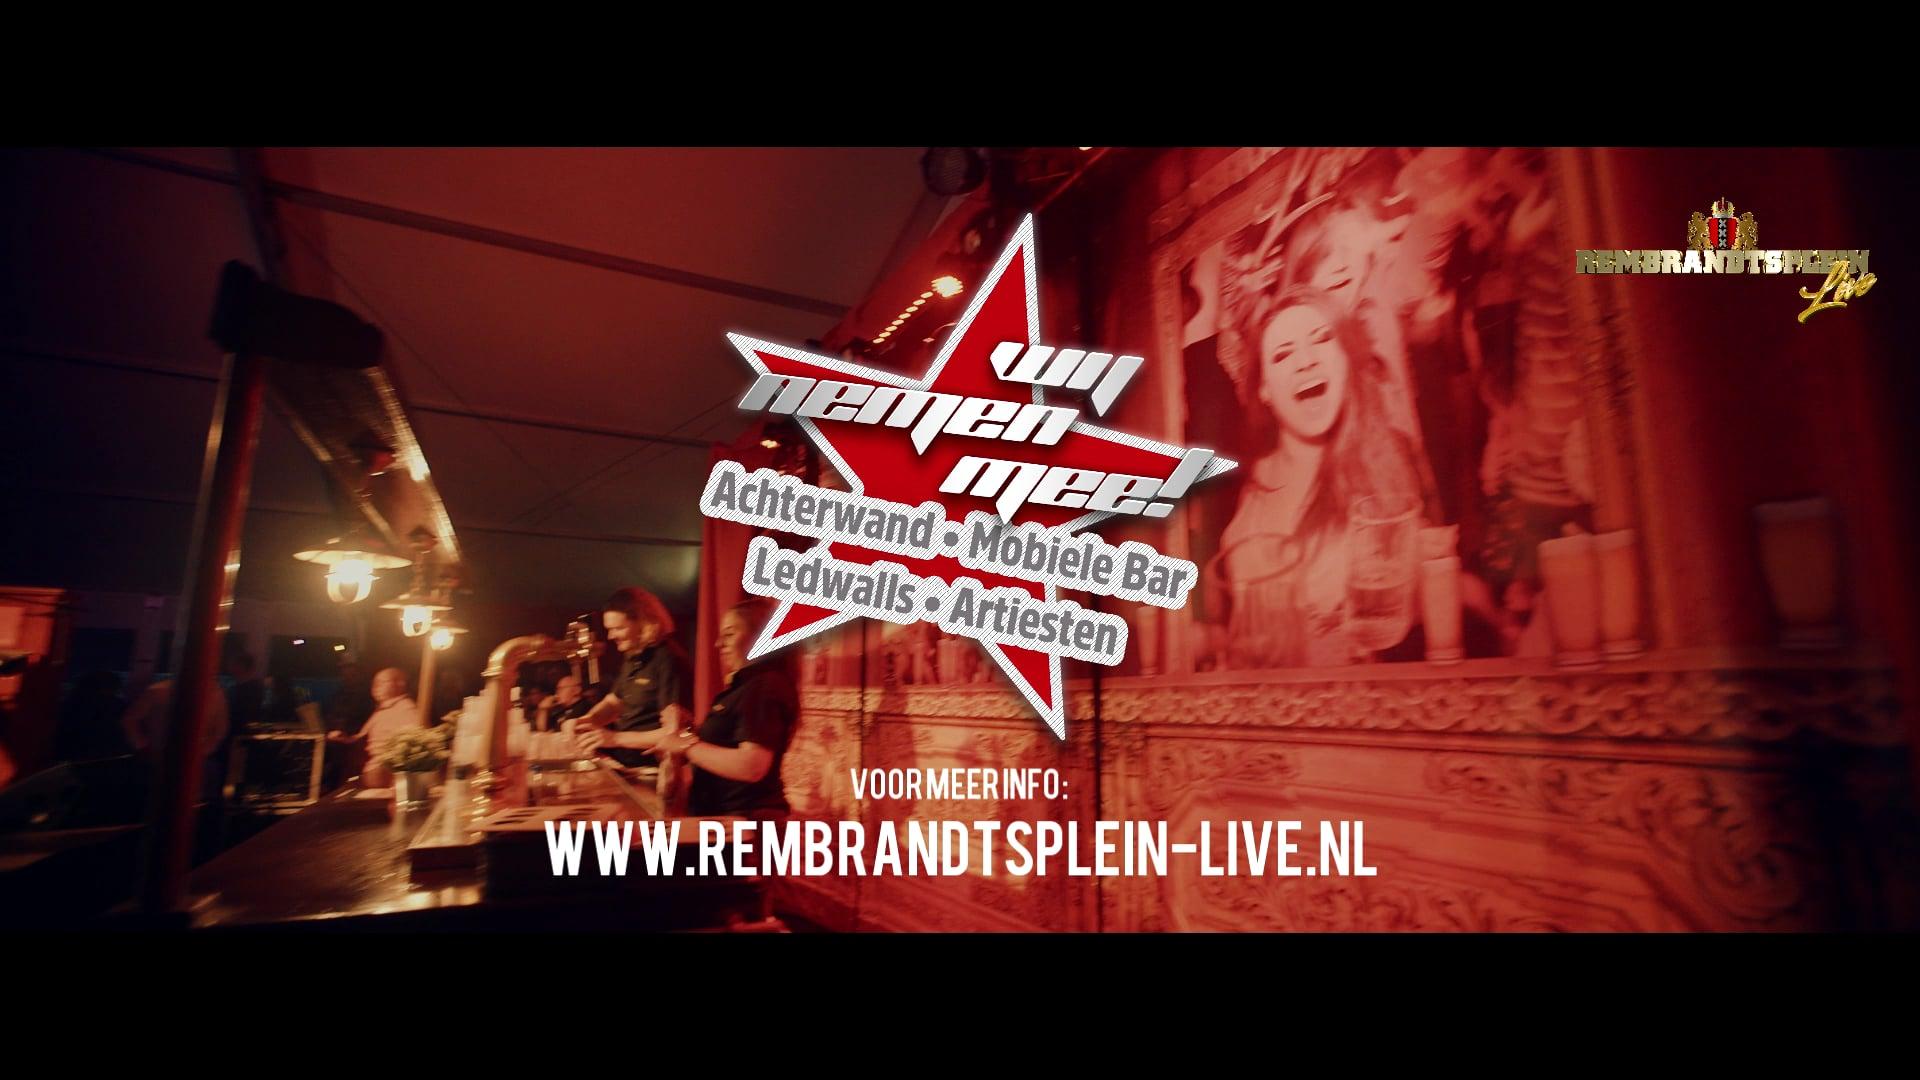 Rembrandtsplein Live